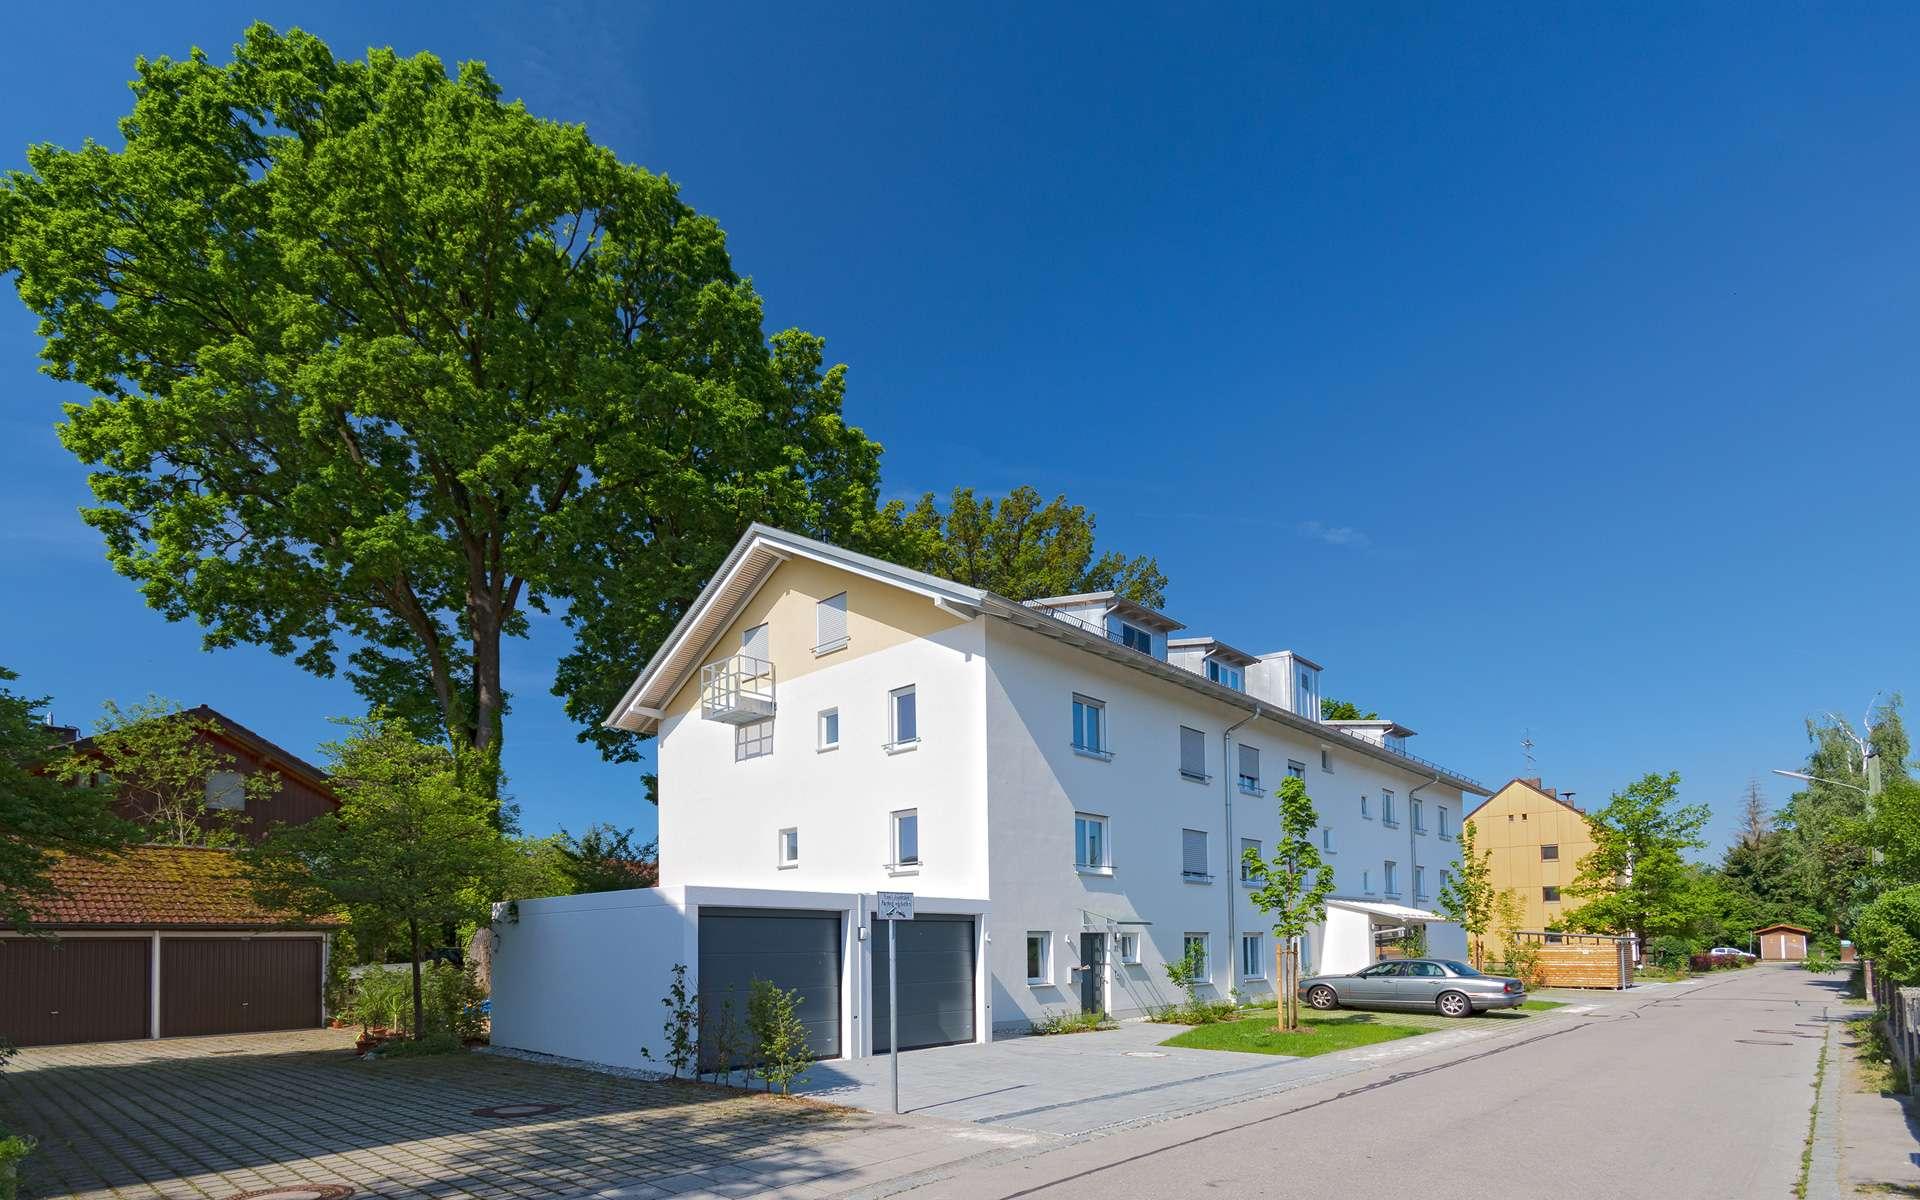 2-Zimmer-Erdgeschoss-Whg. mit Terrasse in Kirchseeon